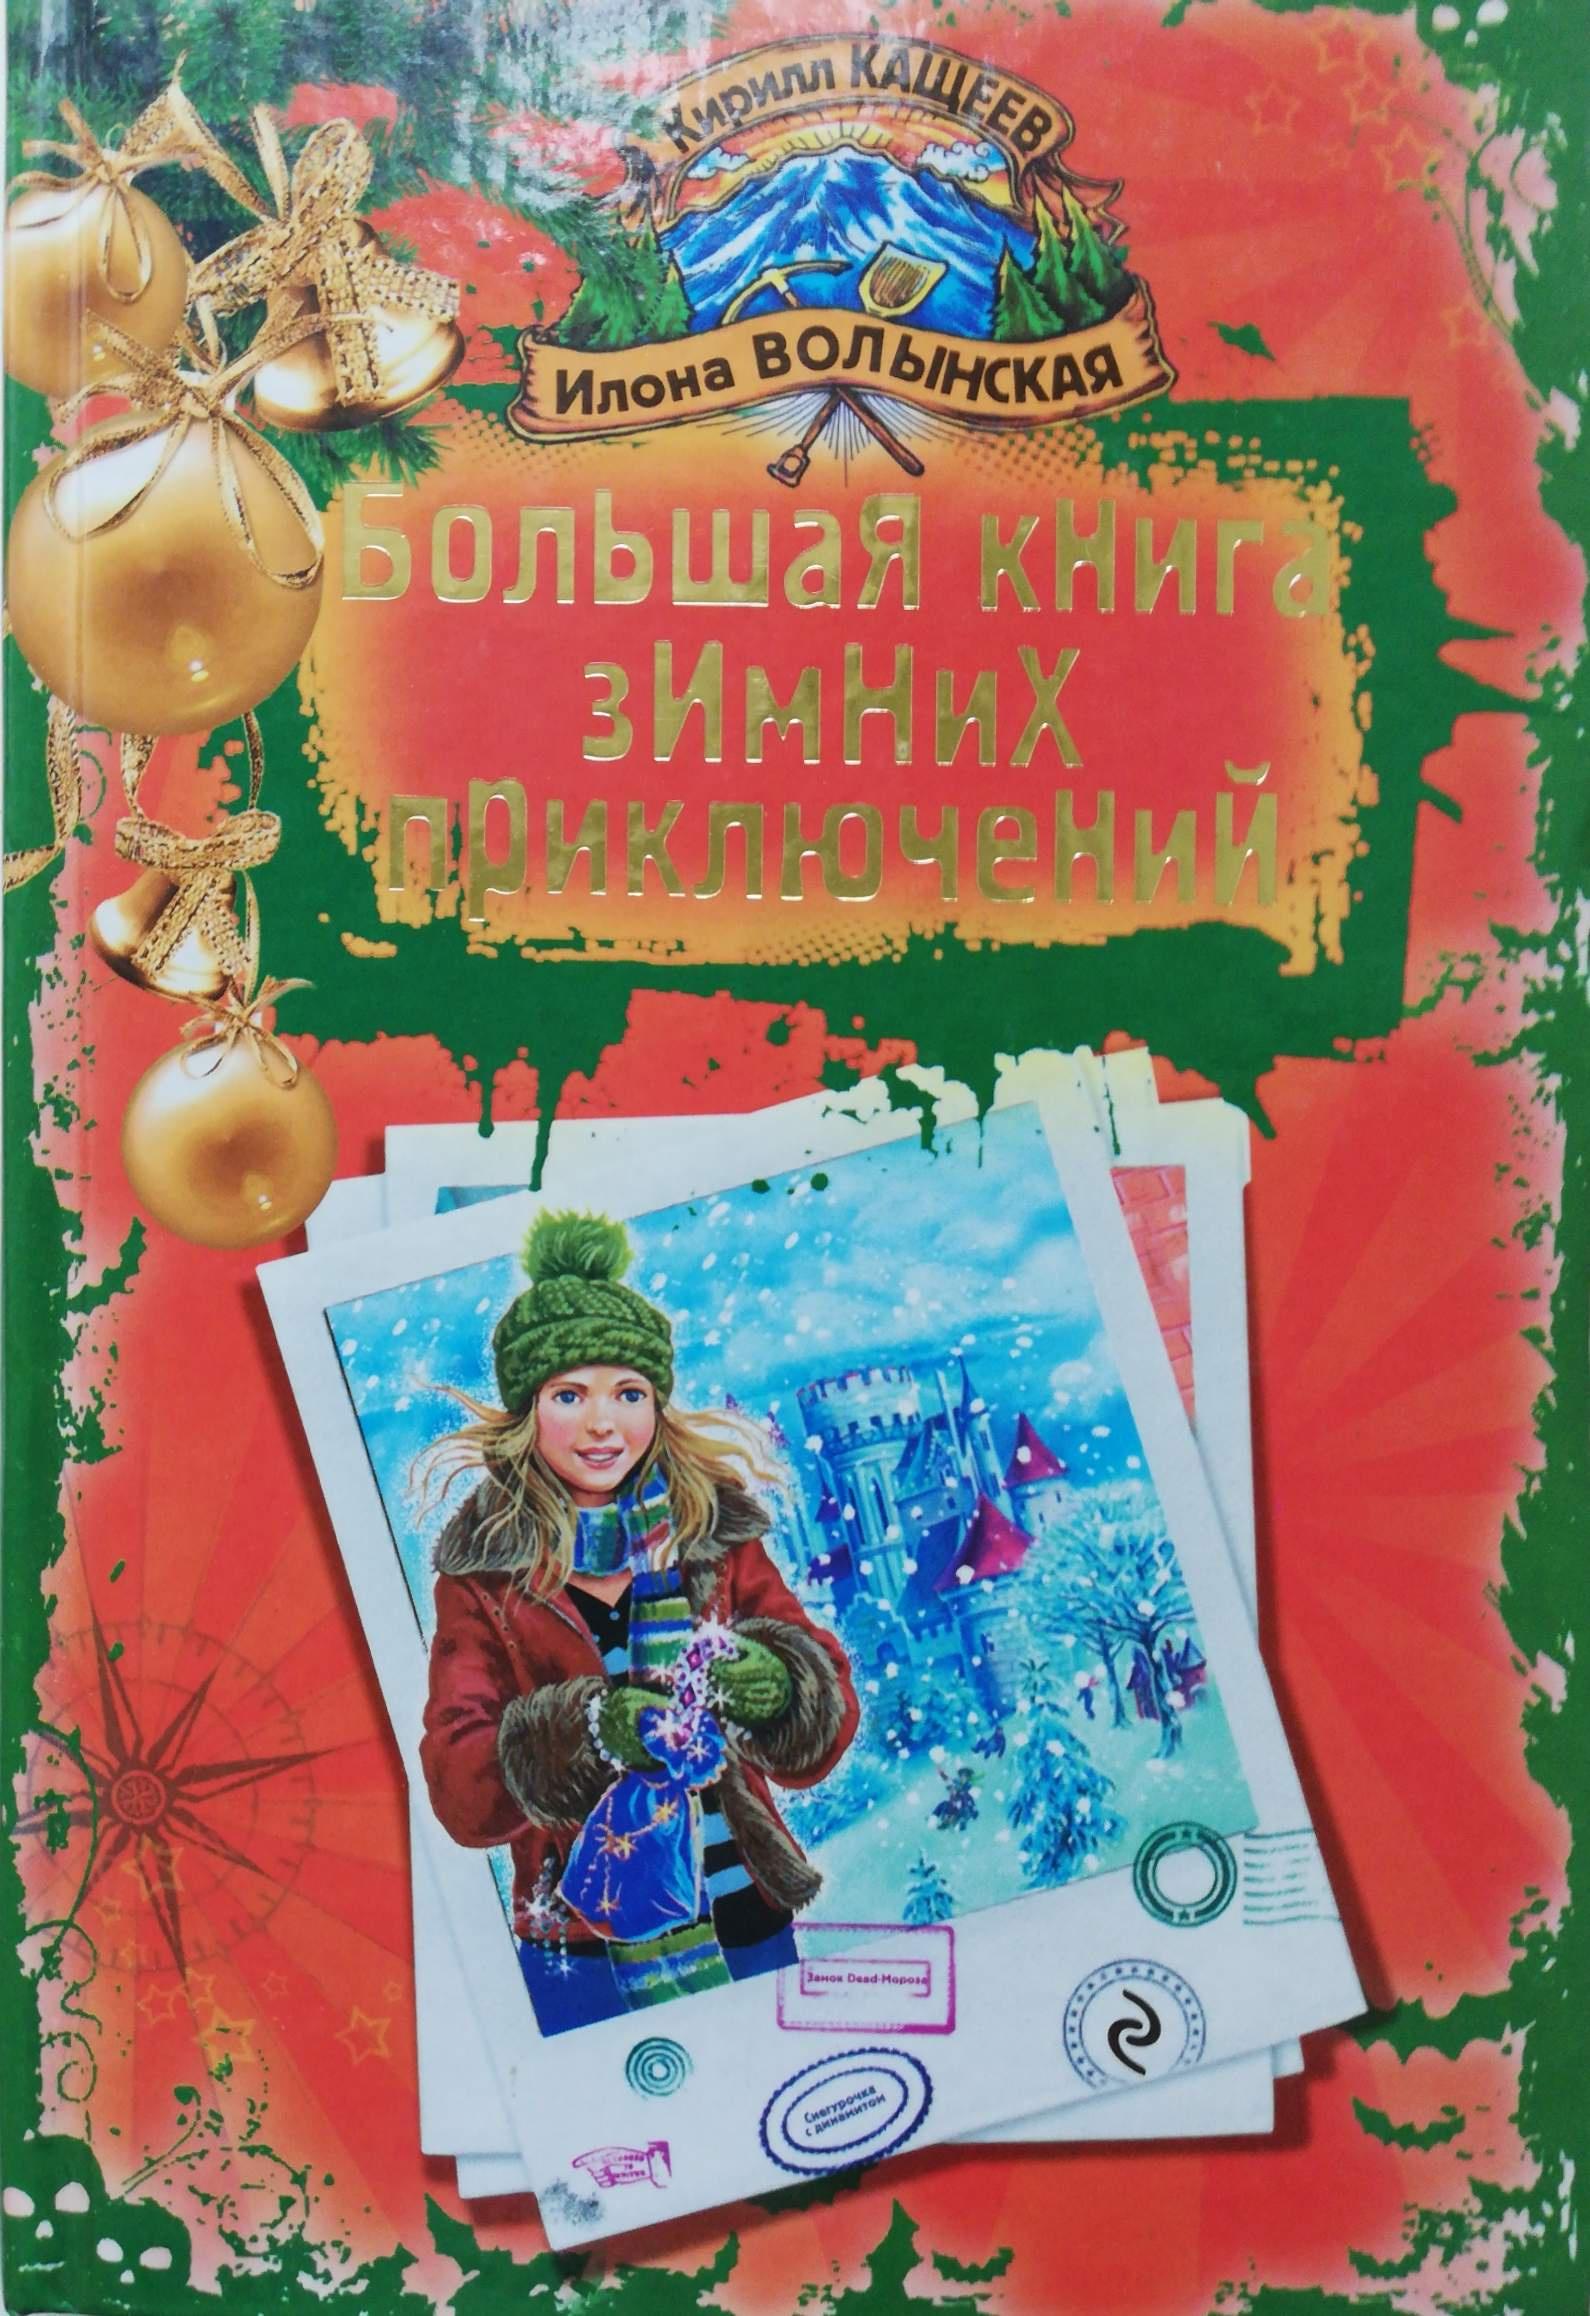 Кащеев Кирилл, Волынская Илона Большая книга зимних приключений